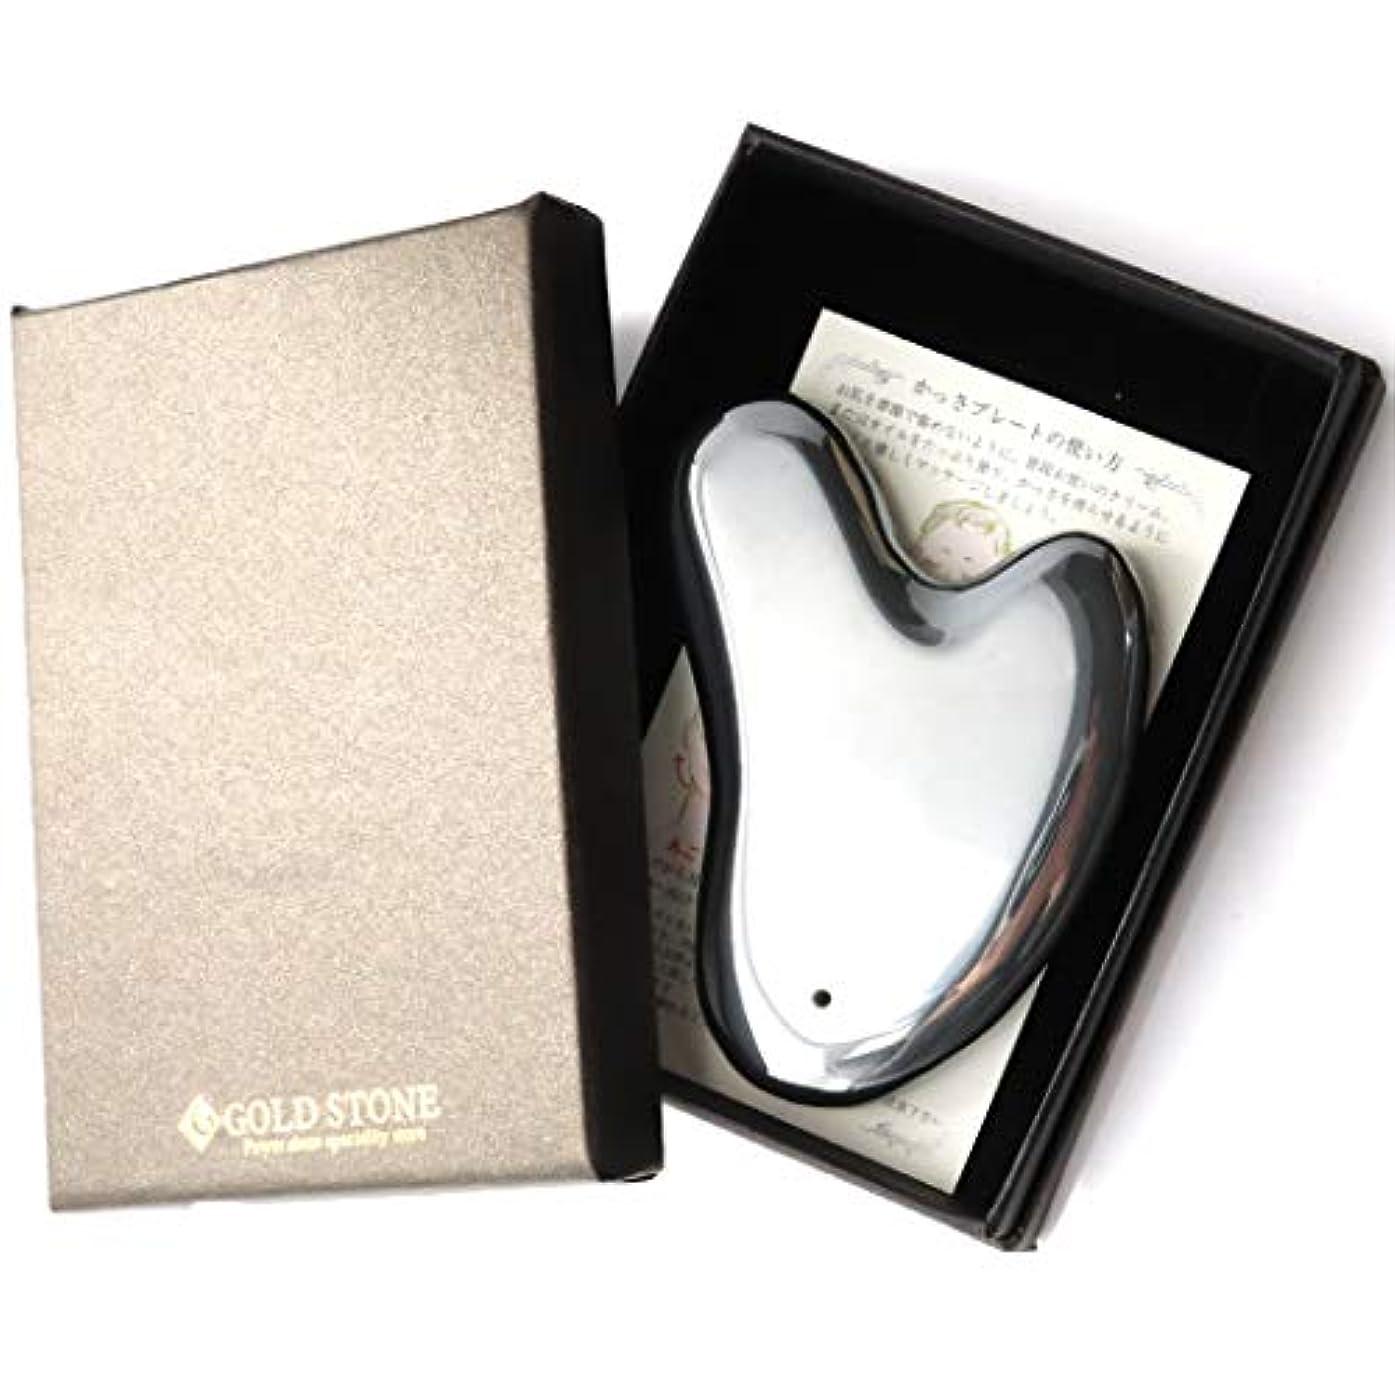 絵茎柔らかさテラヘルツ鉱石 かっさプレート M字型 サイズ大 高純度99.9999% 説明書と専用BOX付き (穴あり)